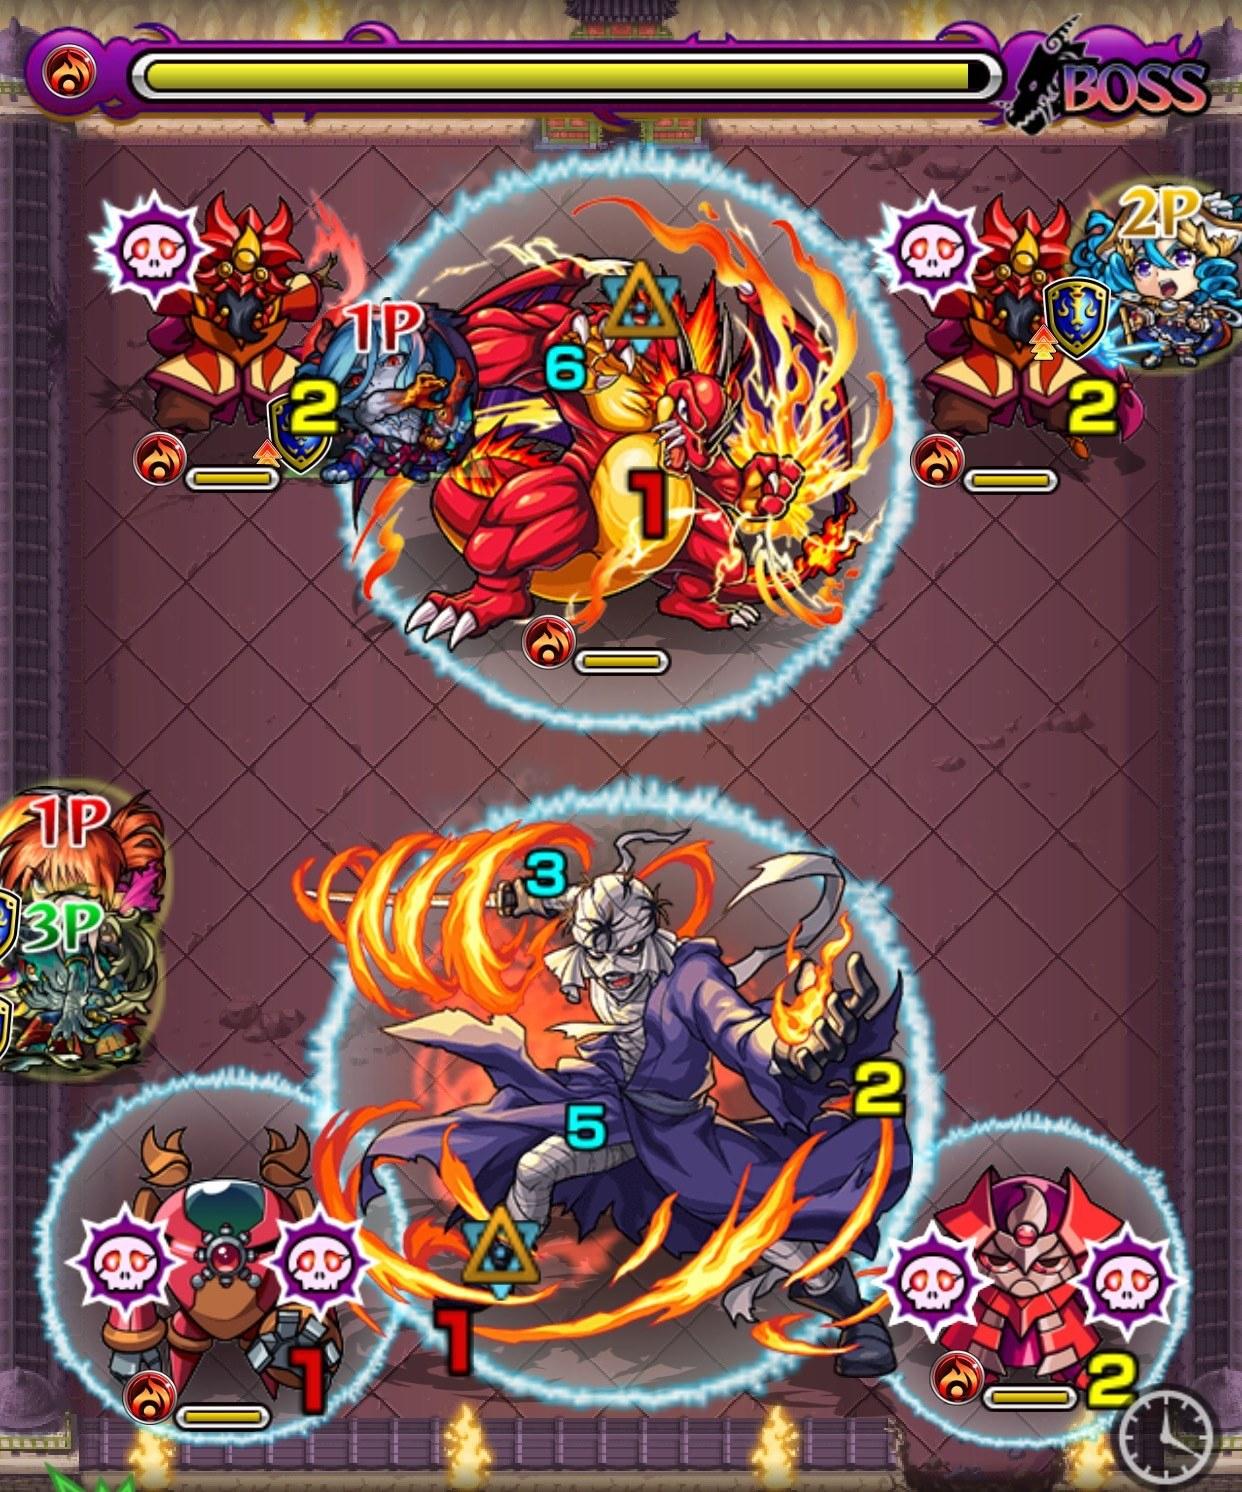 志々雄ボス3